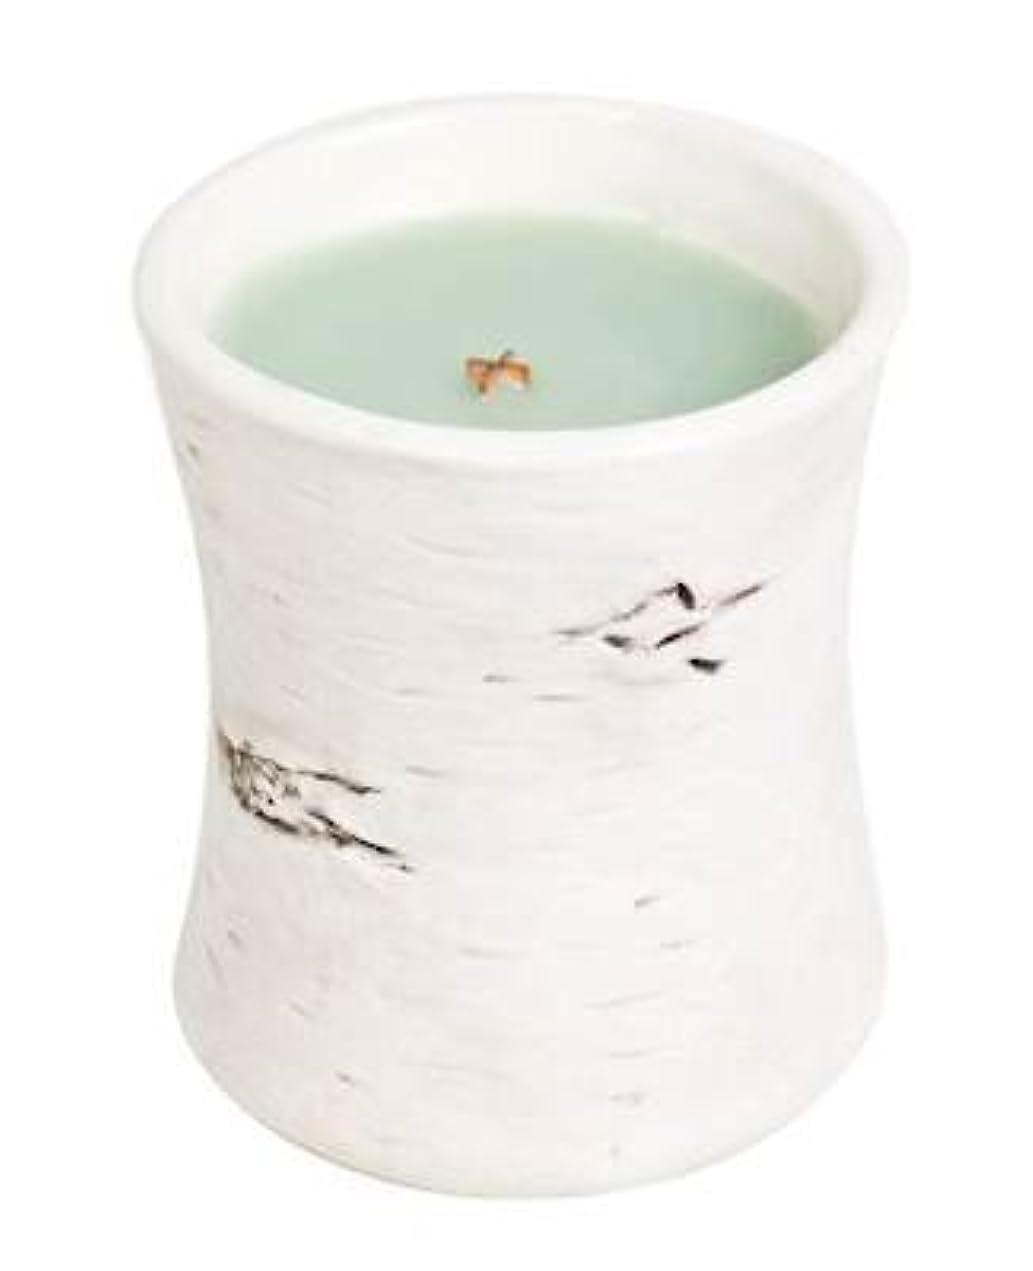 アルコーブ一握り醜いホワイトWillow Moss – Birchセラミック砂時計Scented Candle by WoodWick